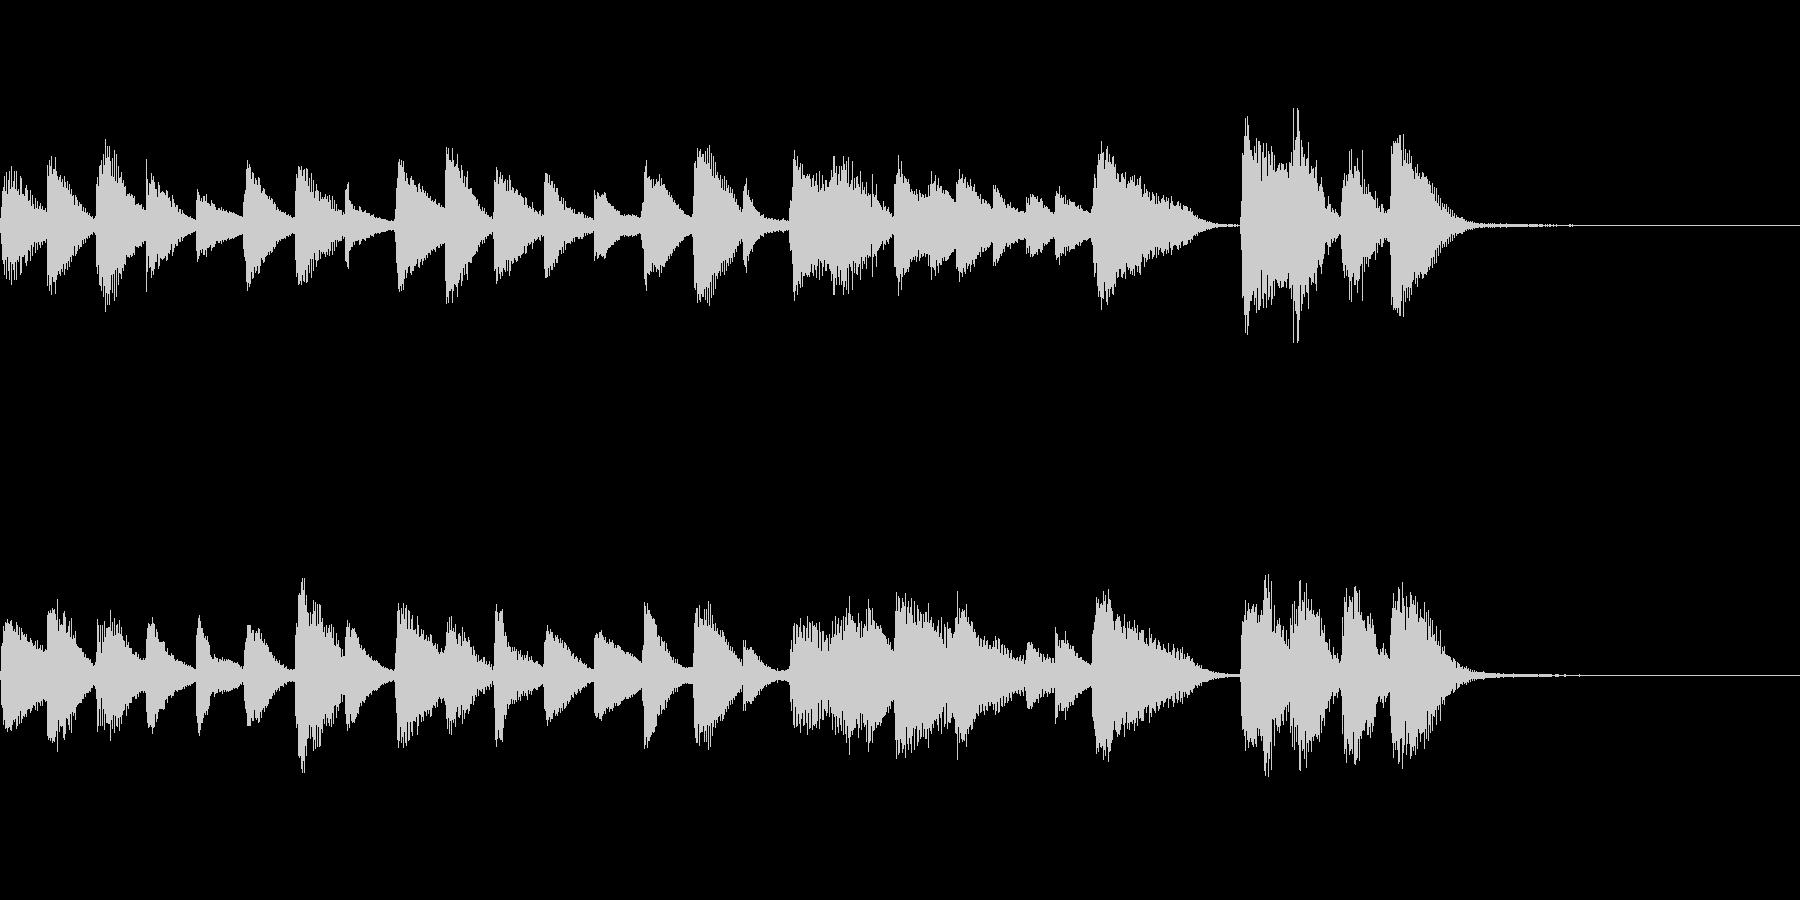 少しコミカル?なカワイイ系ピアノジングルの未再生の波形